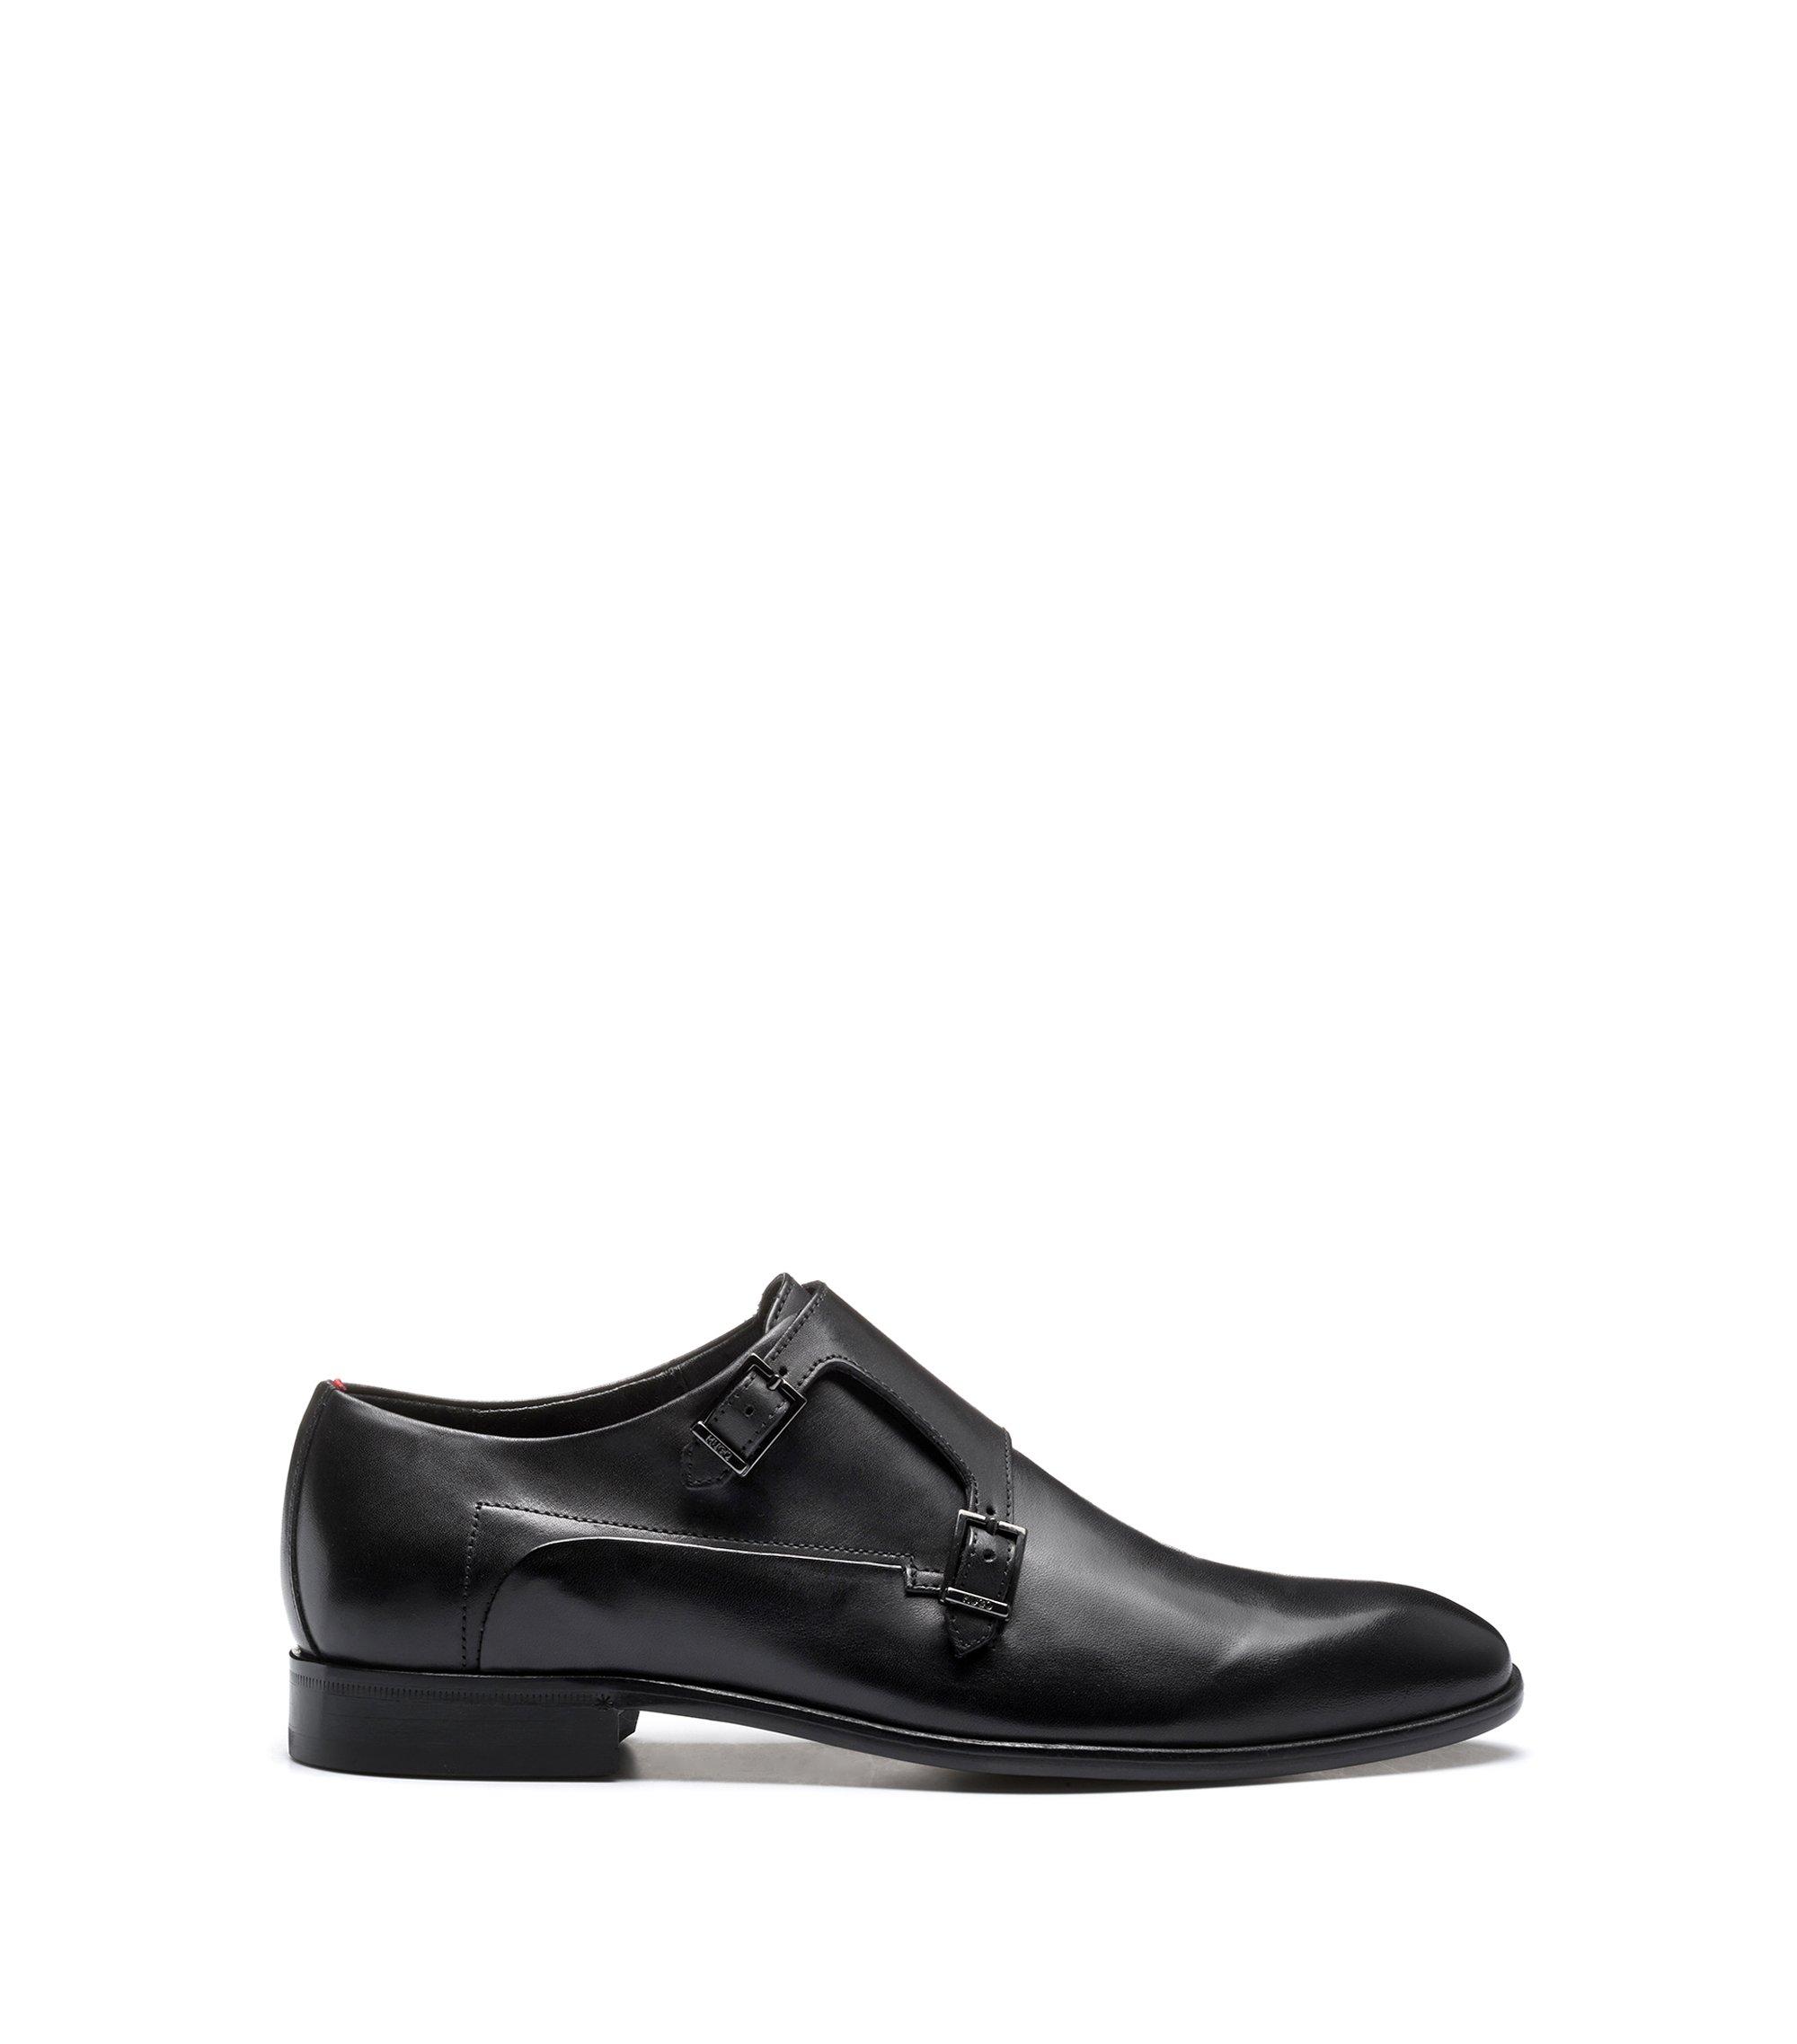 Leren schoenen met dubbele gesp, Zwart